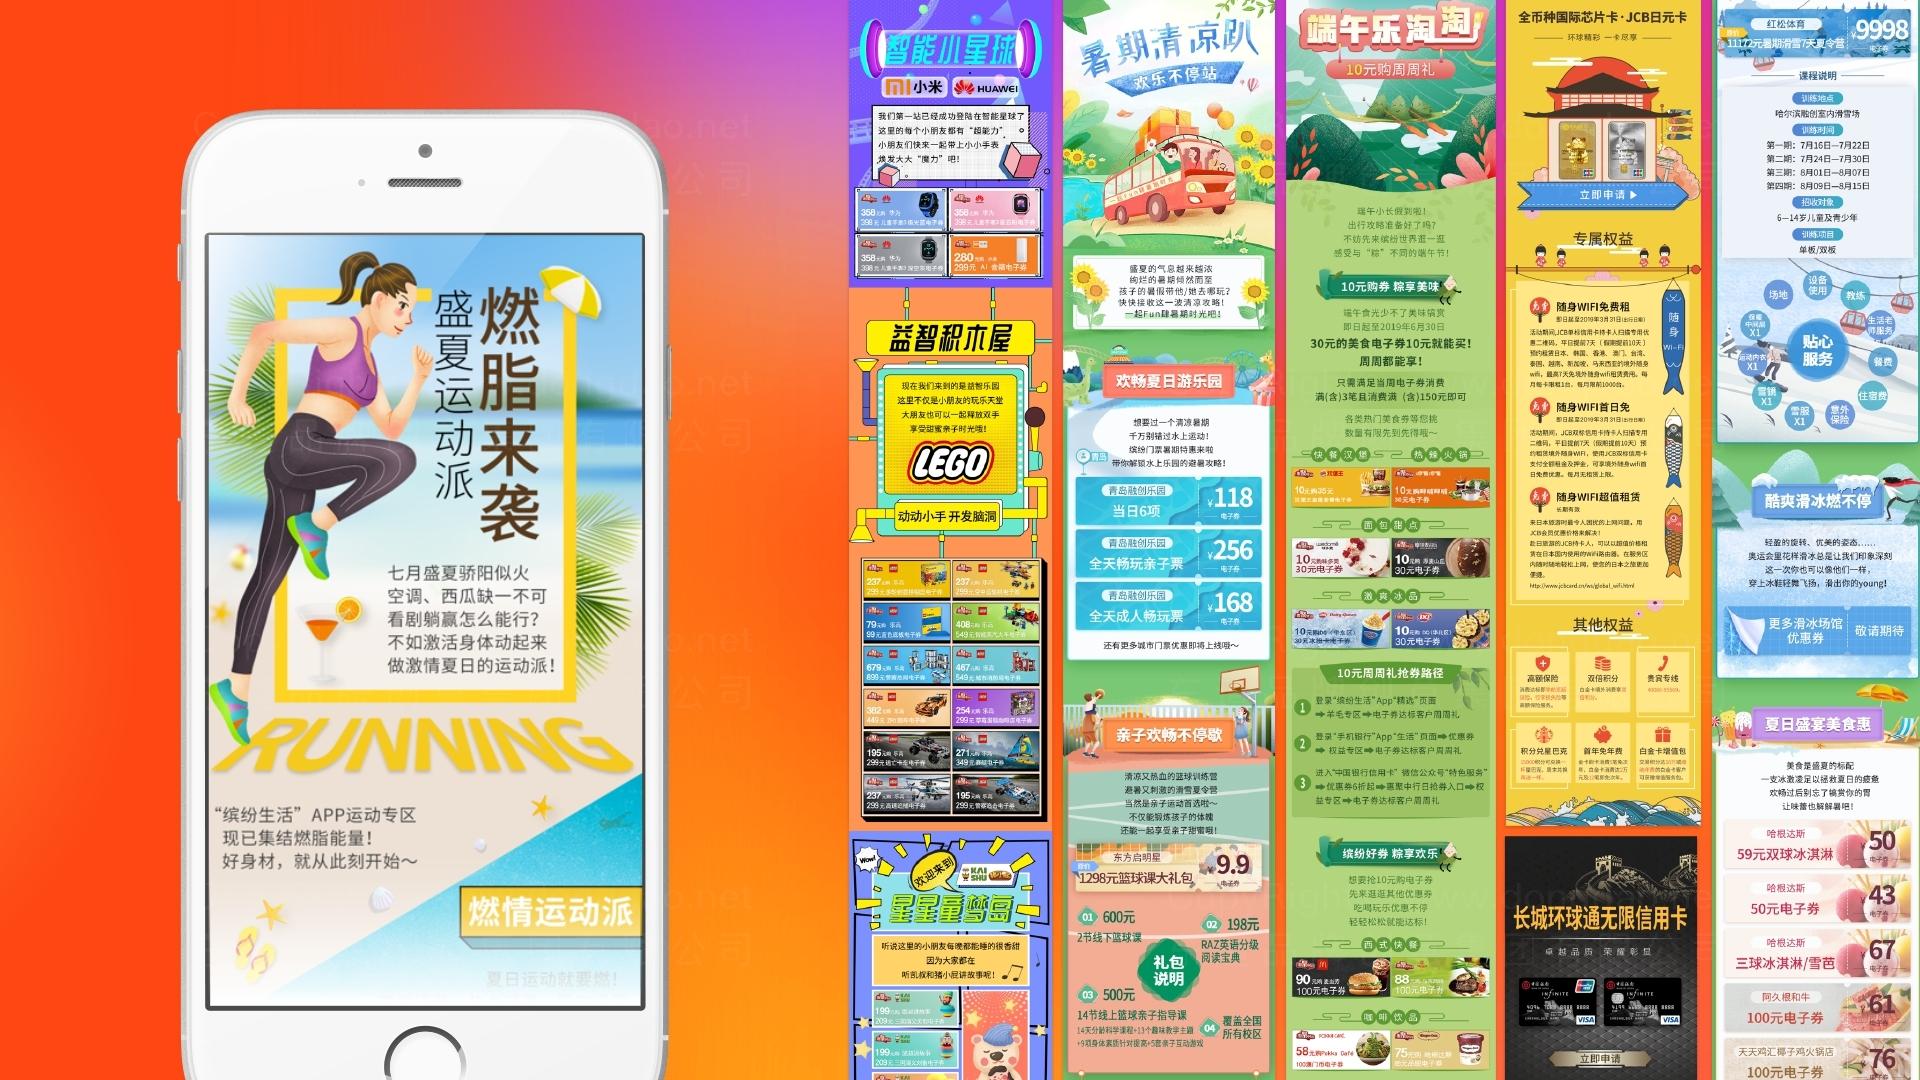 东道数字中国银行缤纷生活 App、微信解决方案应用场景_4